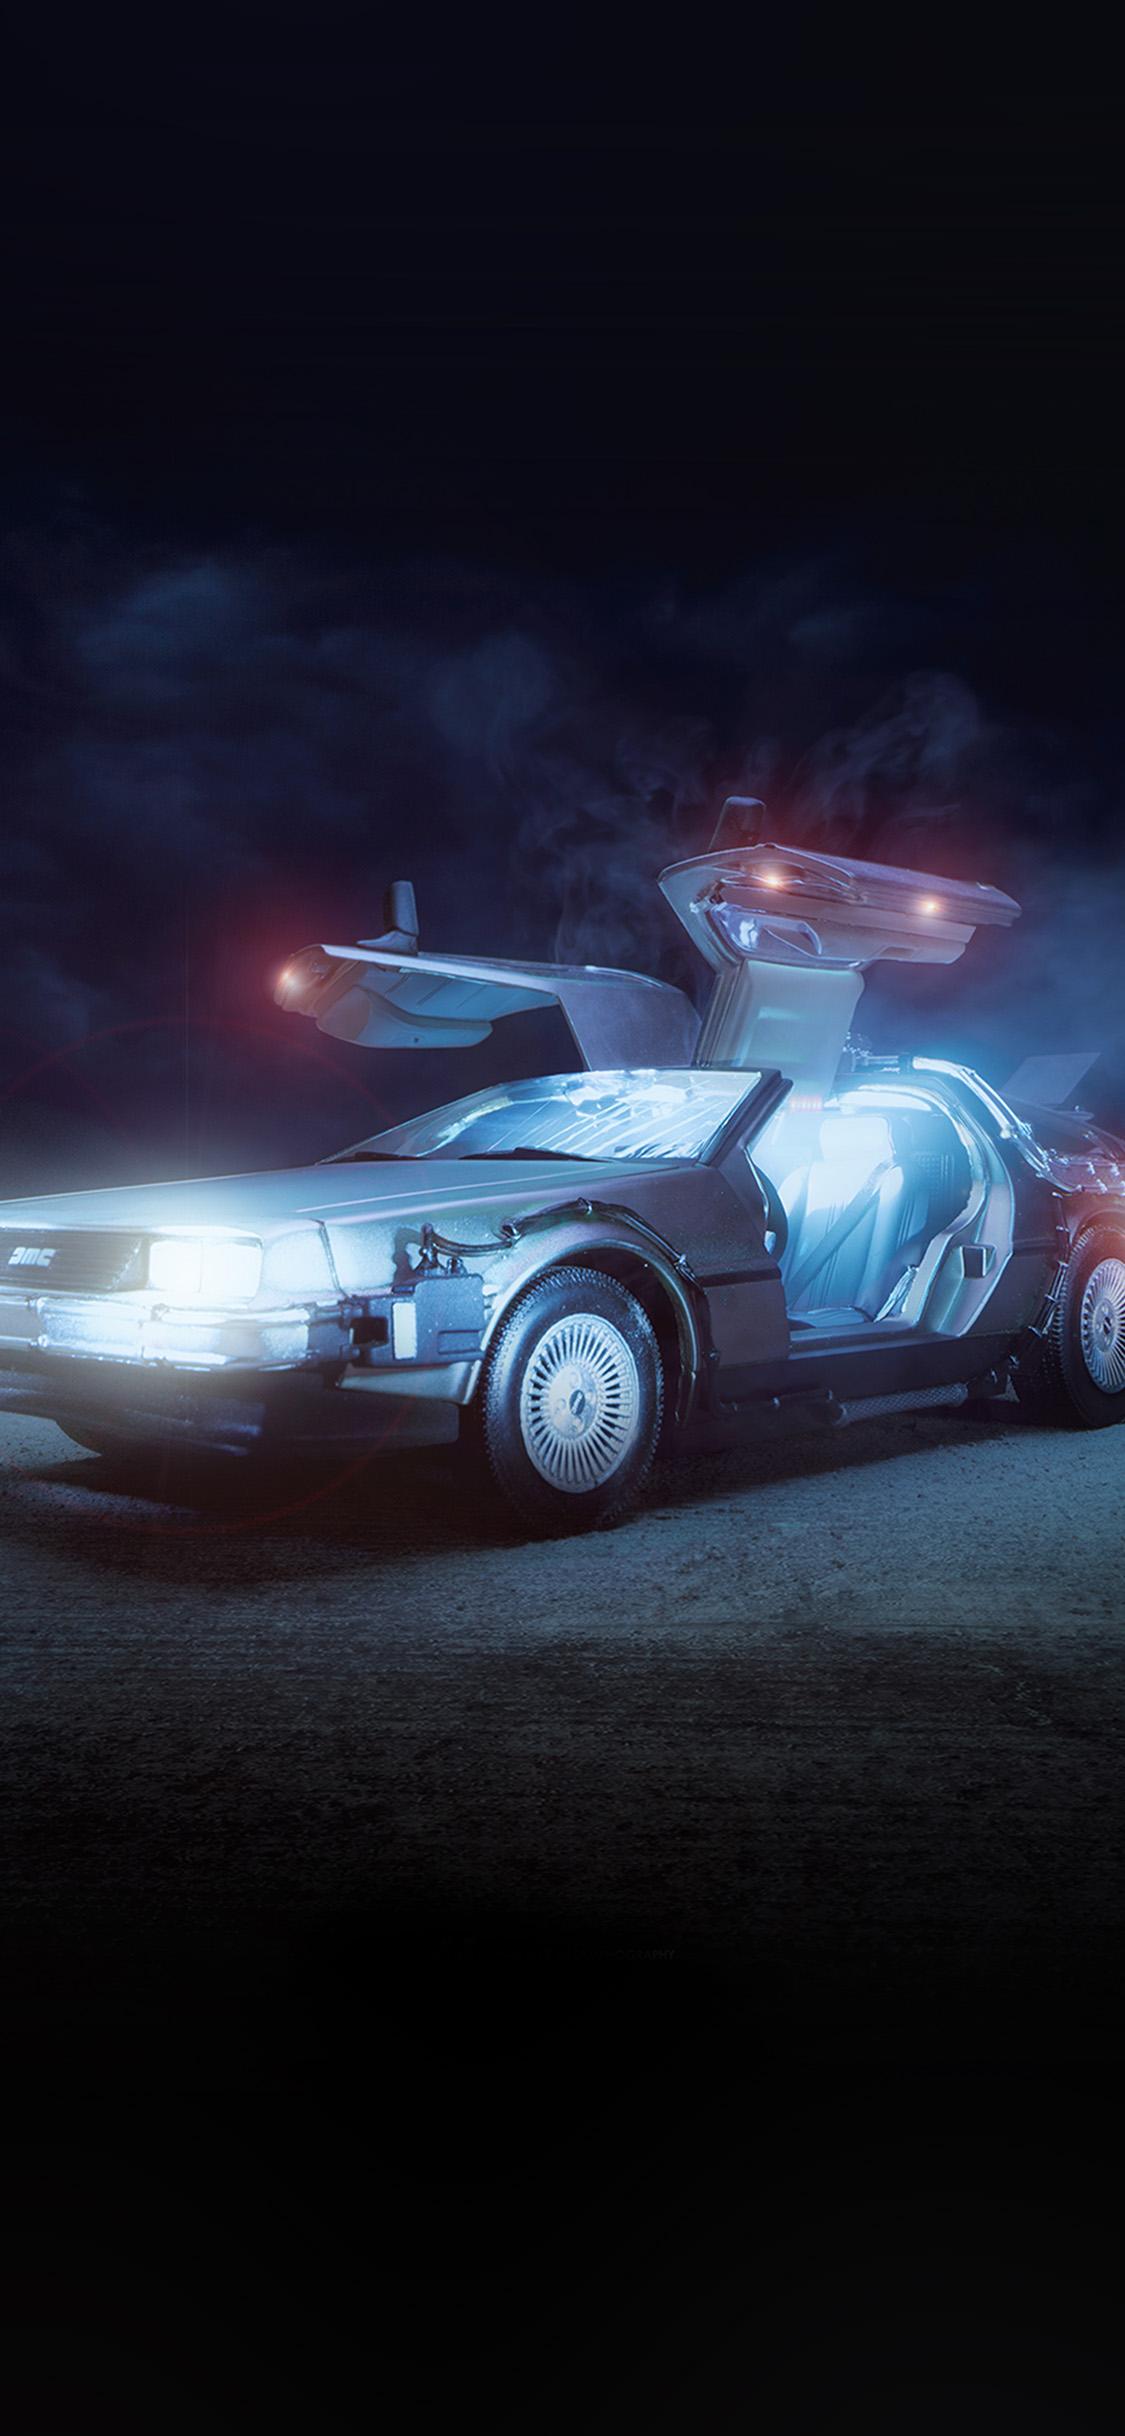 iPhonexpapers.com-Apple-iPhone-wallpaper-bj67-art-back-tothe-future-car-film